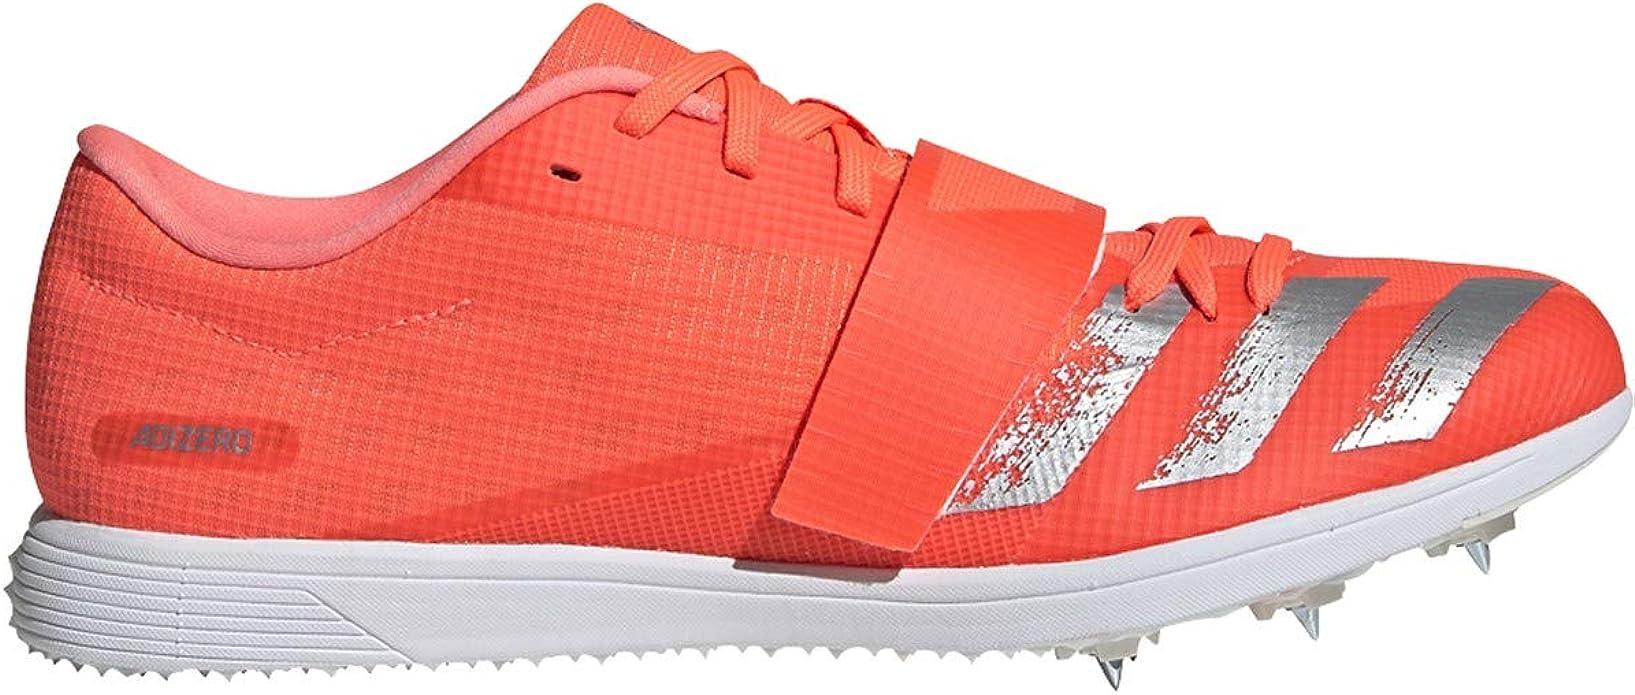 Amazon.com: adidas Adizero TJ/PV Zapatillas de pista y campo ...